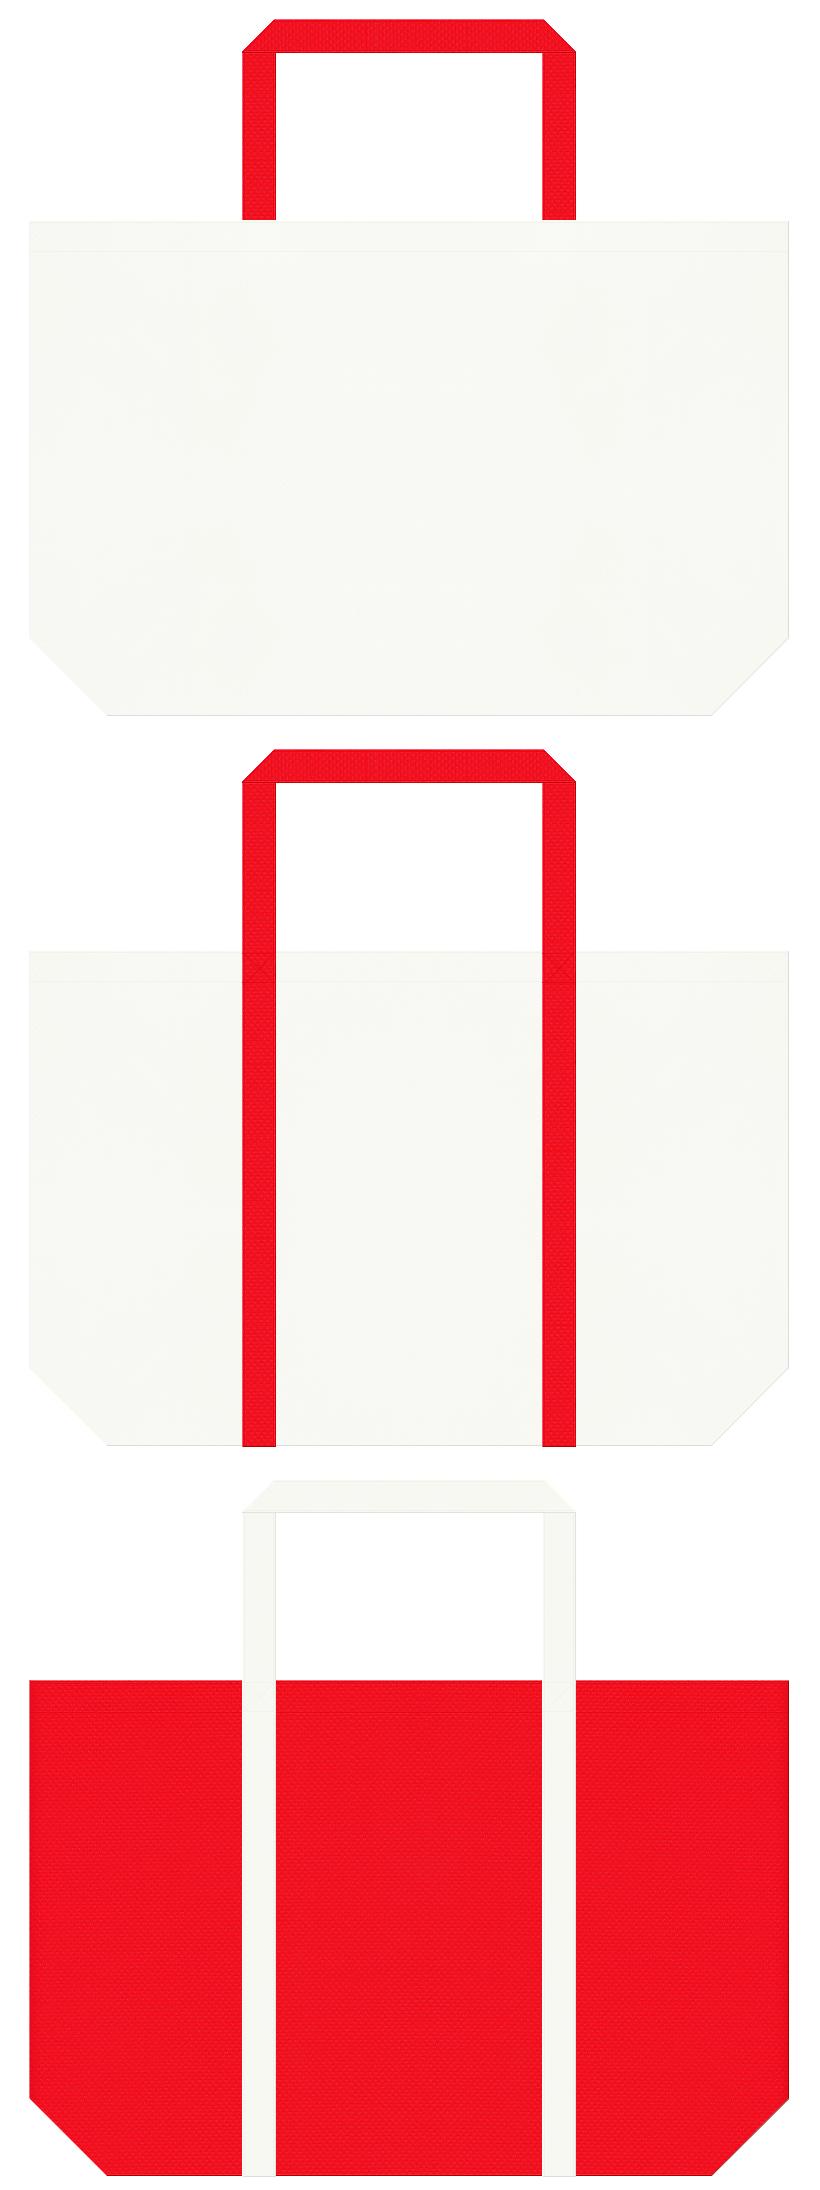 医療・救急用品・いちご大福・いちごミルク・サンタクロース・クリスマス・バレンタイン・母の日・カーネーション・ハート・婚礼・お誕生日・ショートケーキ・スイーツの保冷バッグにお奨めの不織布バッグデザイン:オフホワイト色と赤色のコーデ